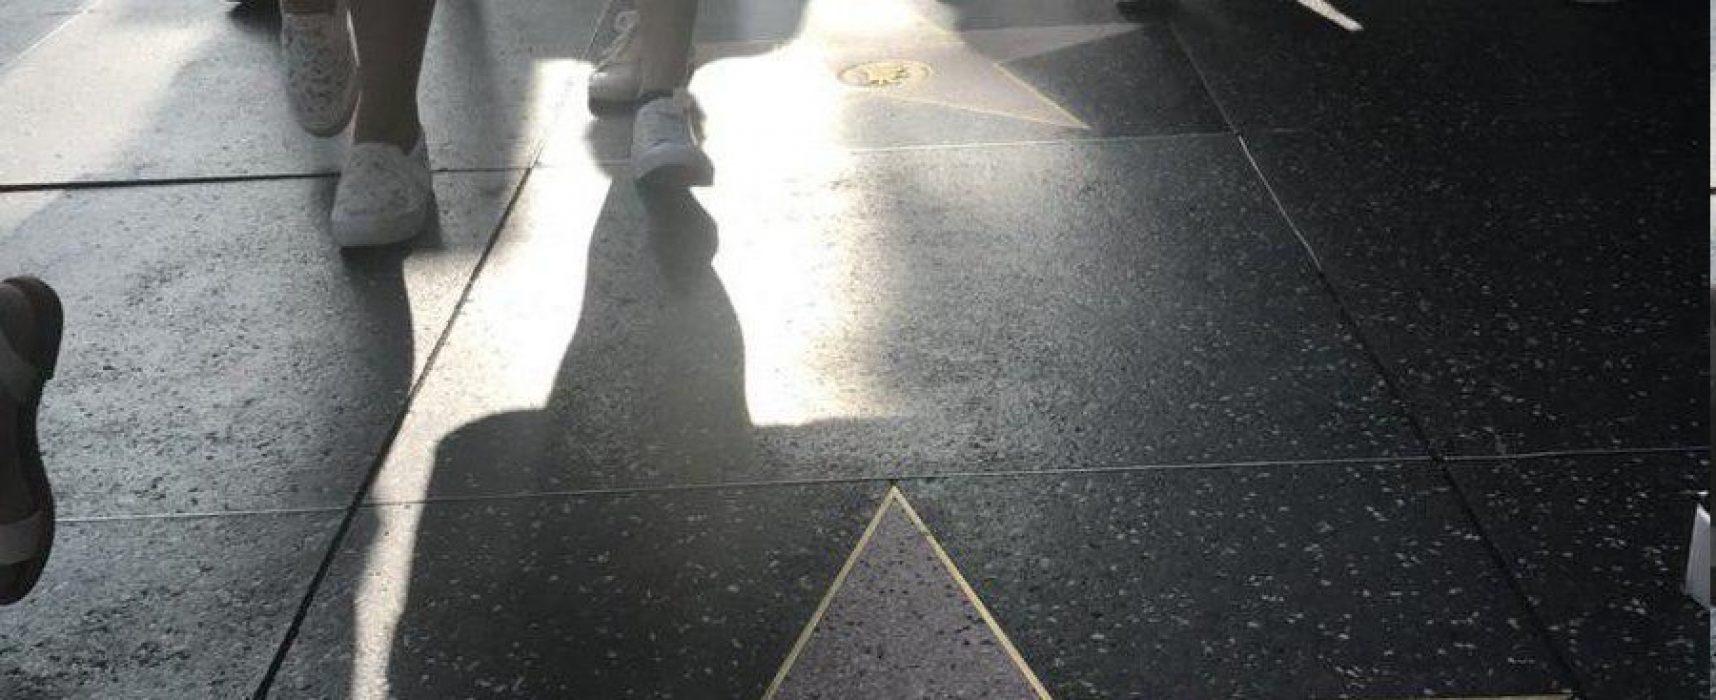 Фейк: На холивудската Алея на славата се появила звезда на Олег Сенцов